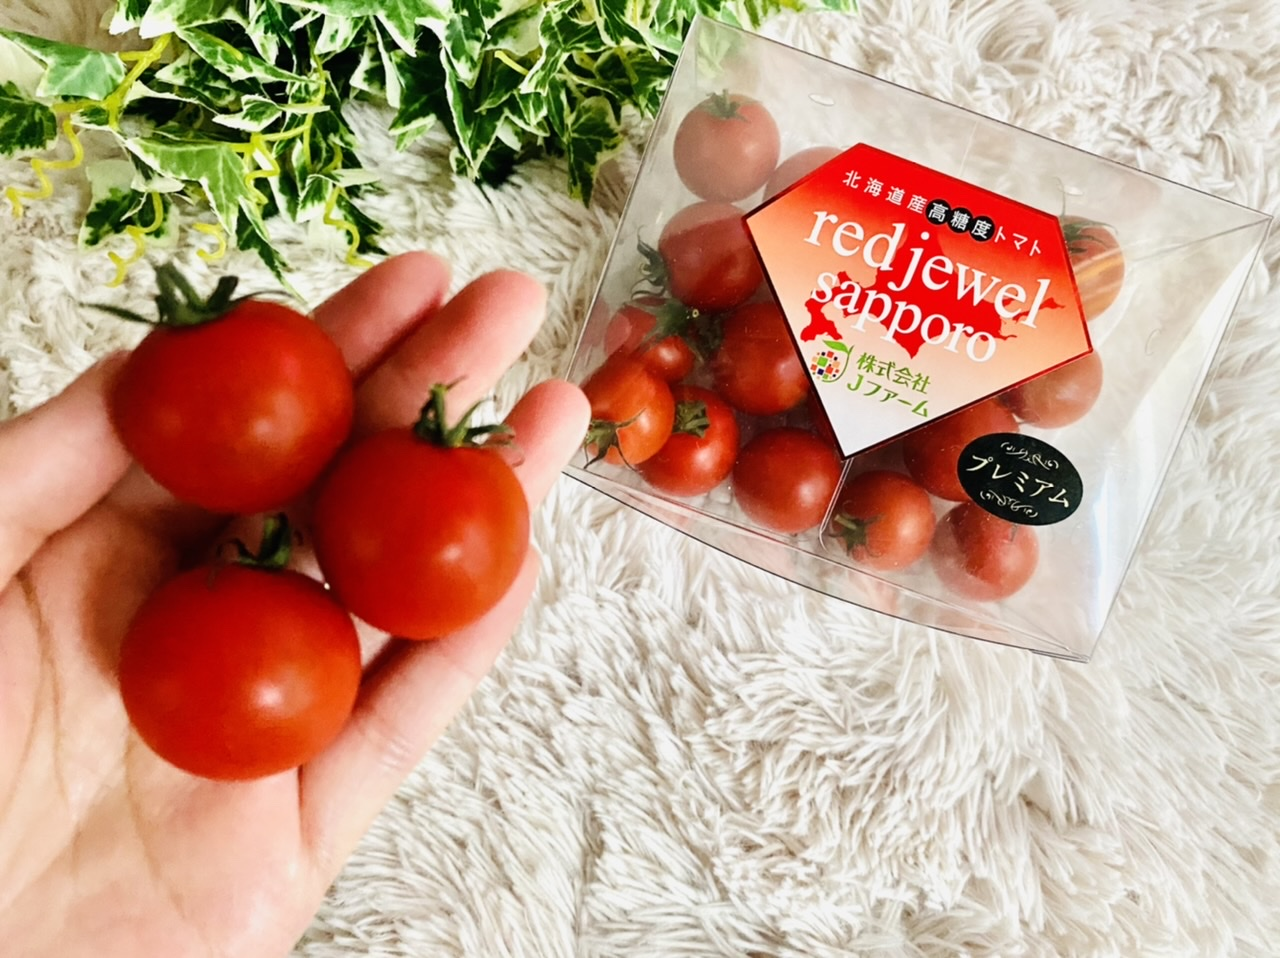 まるでスイーツ!北海道産高糖度トマト《レッドジュエル・プレミアム》が美味しすぎ♡_4